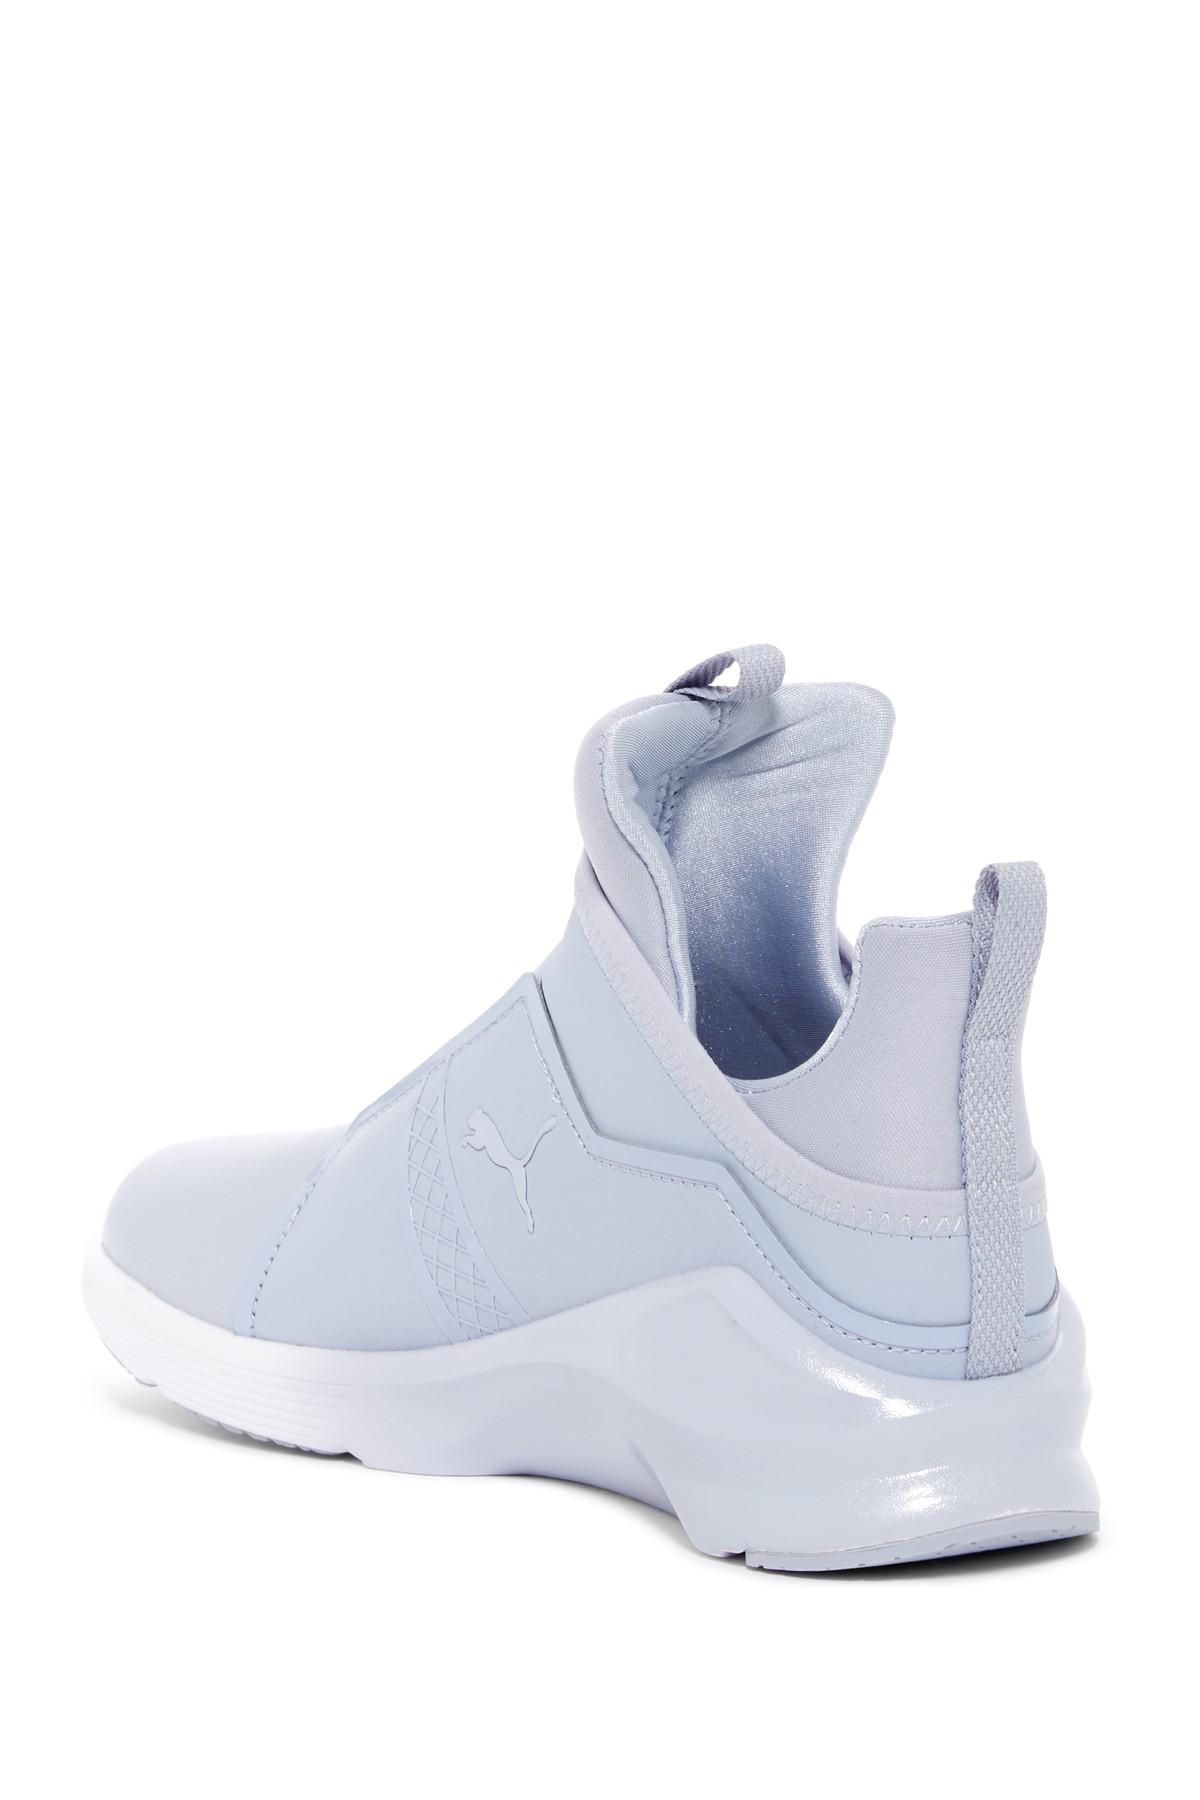 4c6e4790becc0e Lyst - PUMA Fierce Chalet Sneaker in Blue